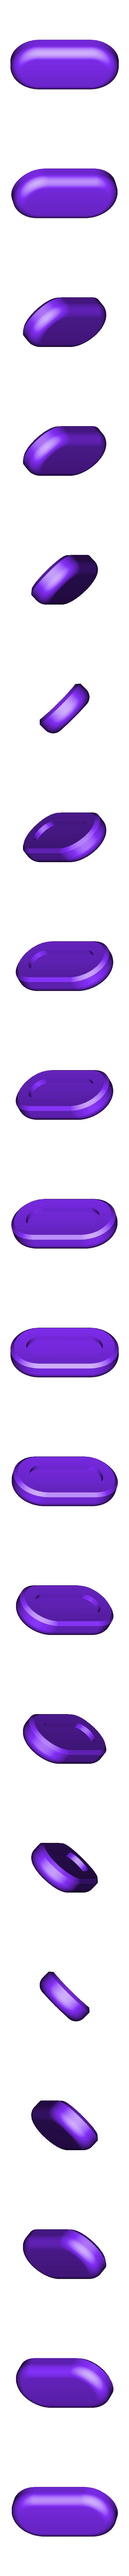 Button.stl Télécharger fichier STL gratuit MACHINE À CAFÉ JOUET • Design pour imprimante 3D, 3DWORKBENCH